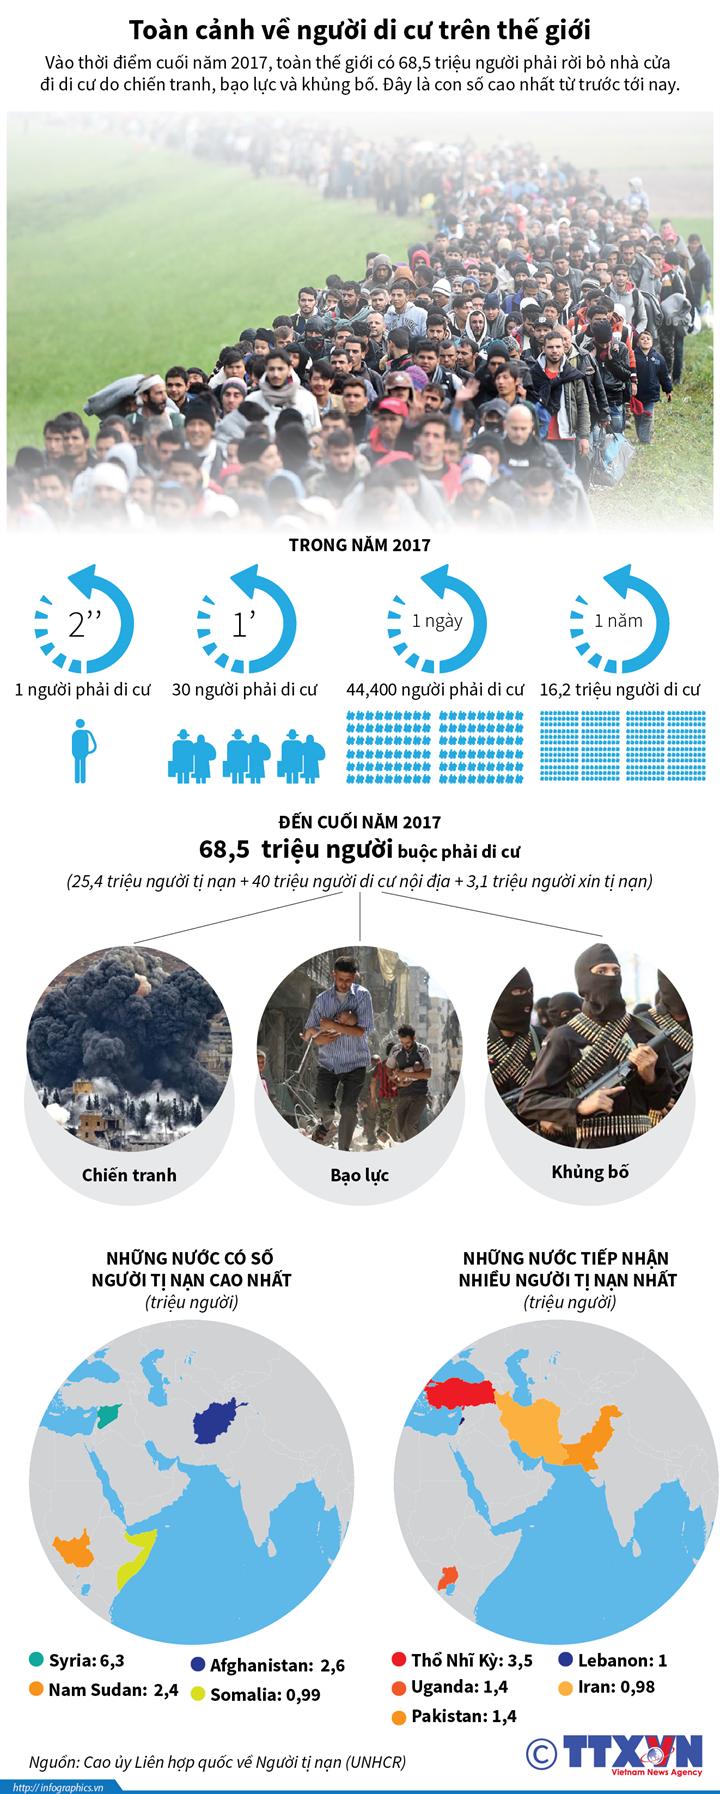 Toàn cảnh về người di cư trên thế giới